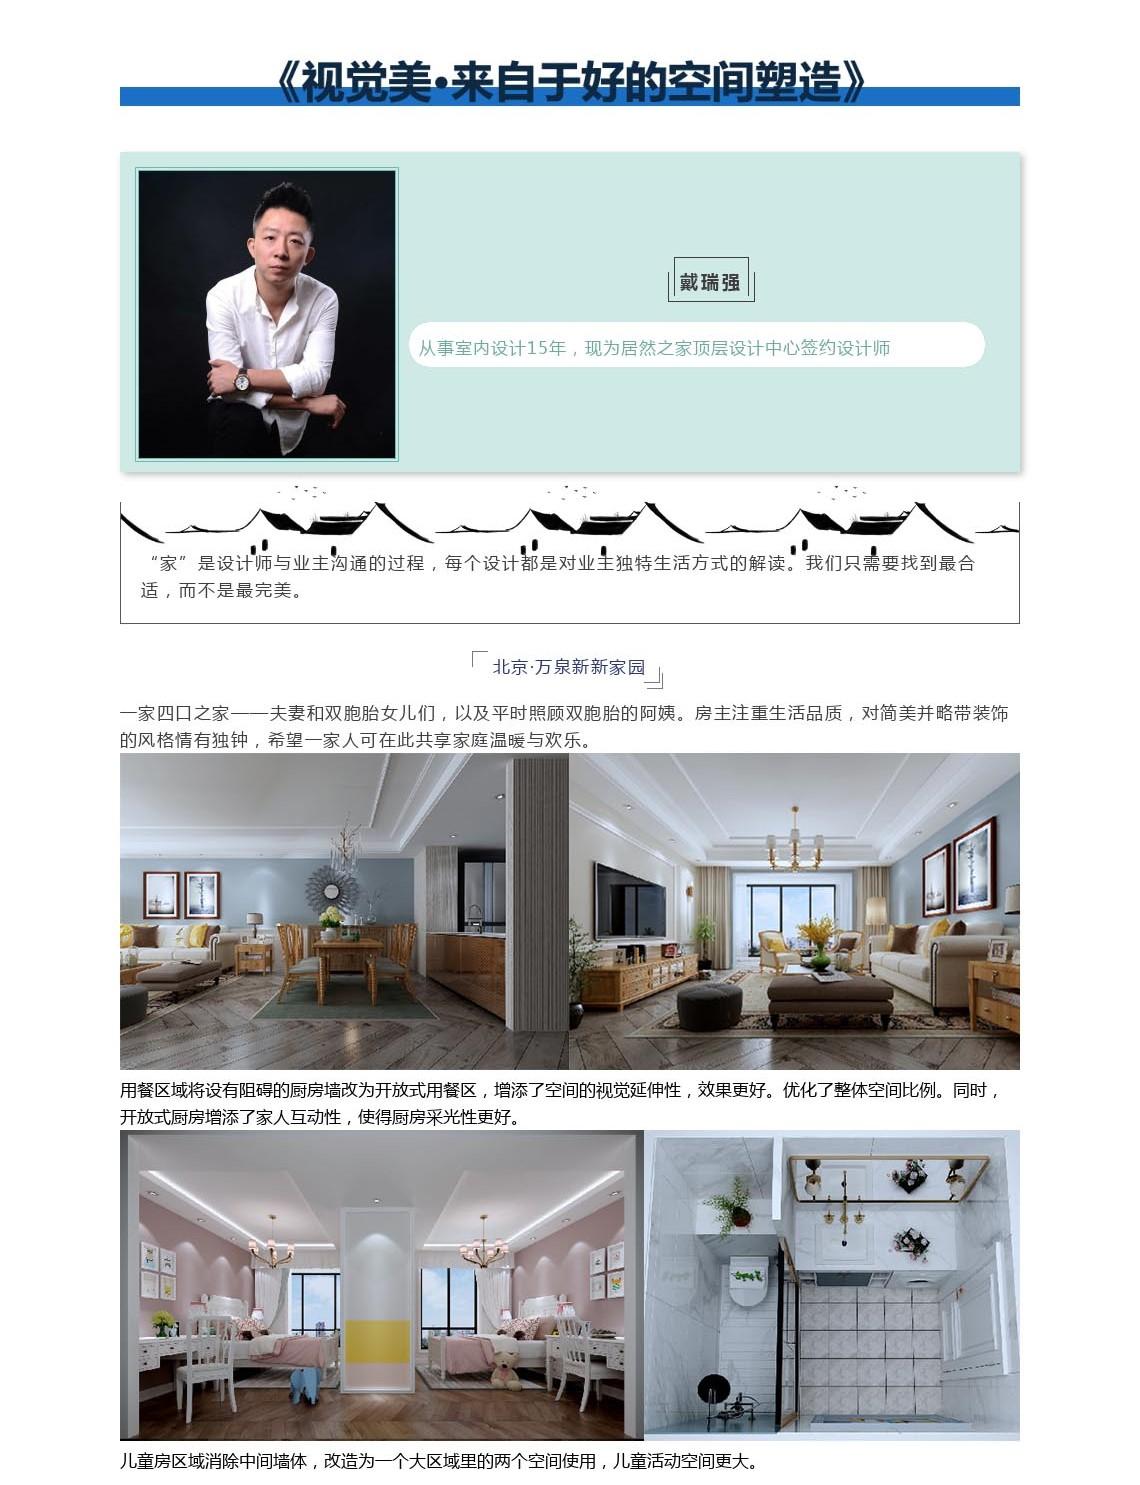 戴瑞强,居然之家顶层设计中心签约设计师,视觉美,开放式空间